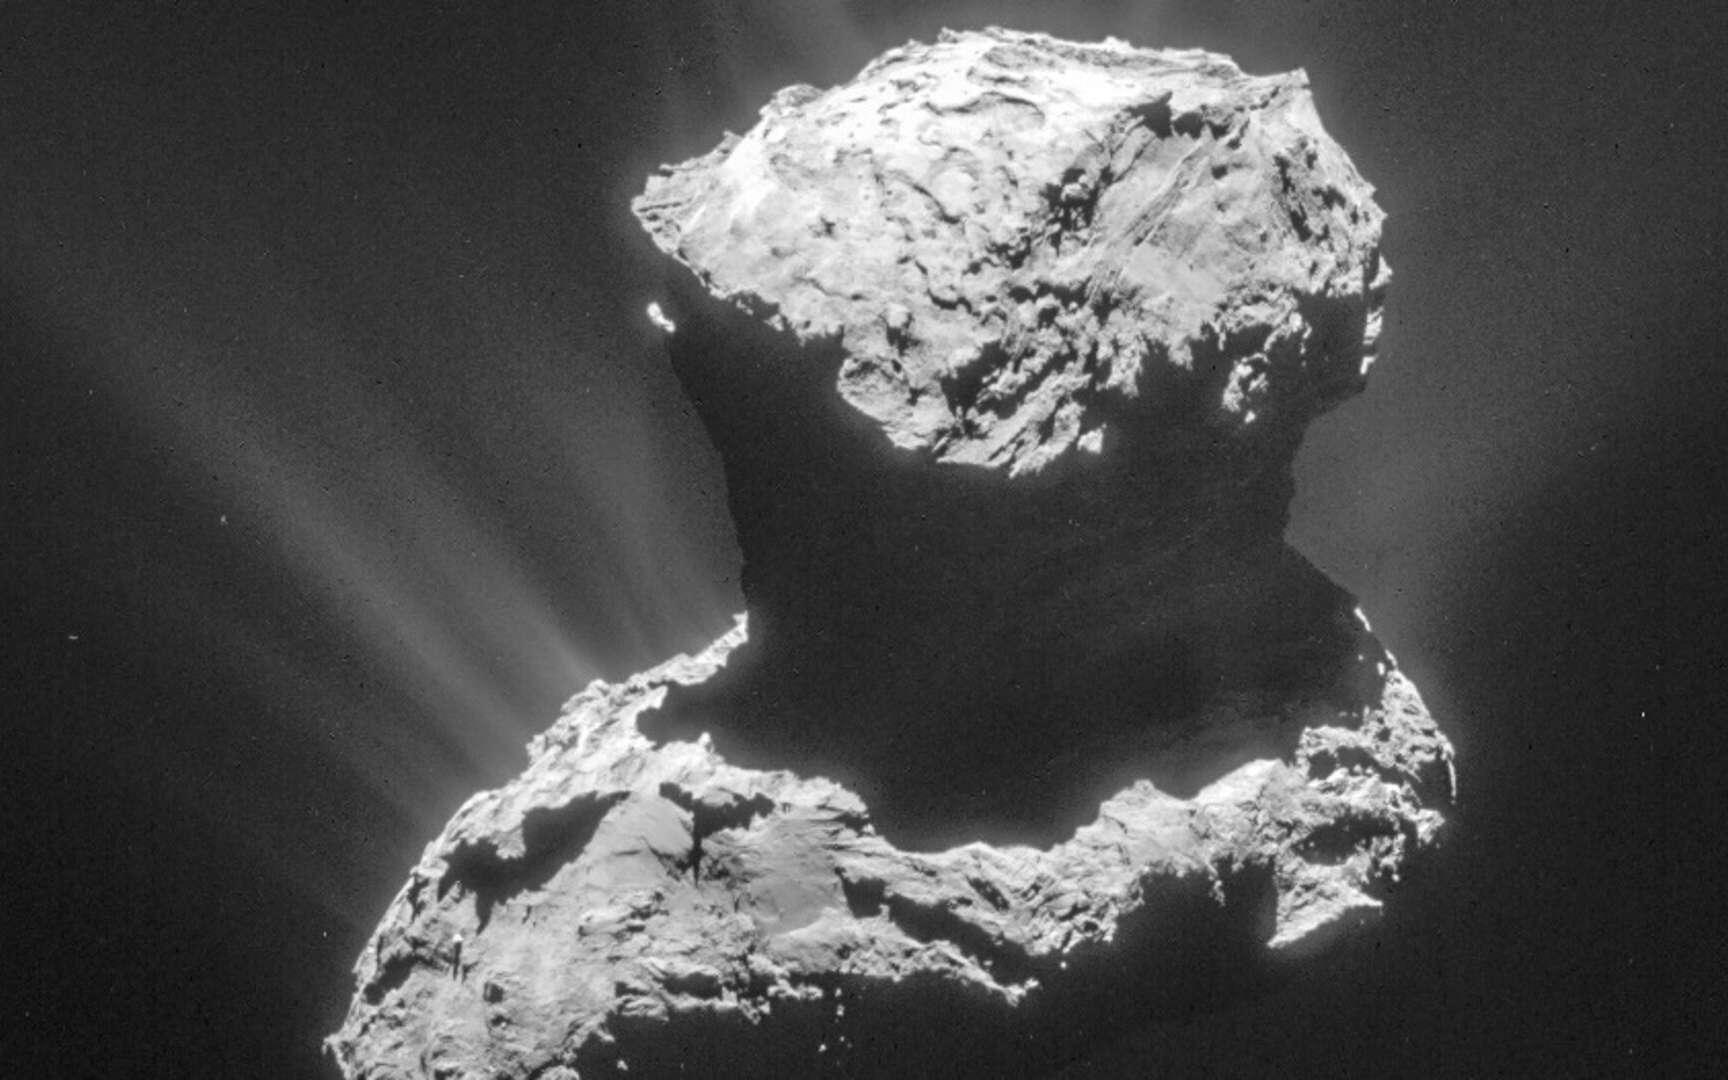 Incroyable : une aurore boréale sur une comète